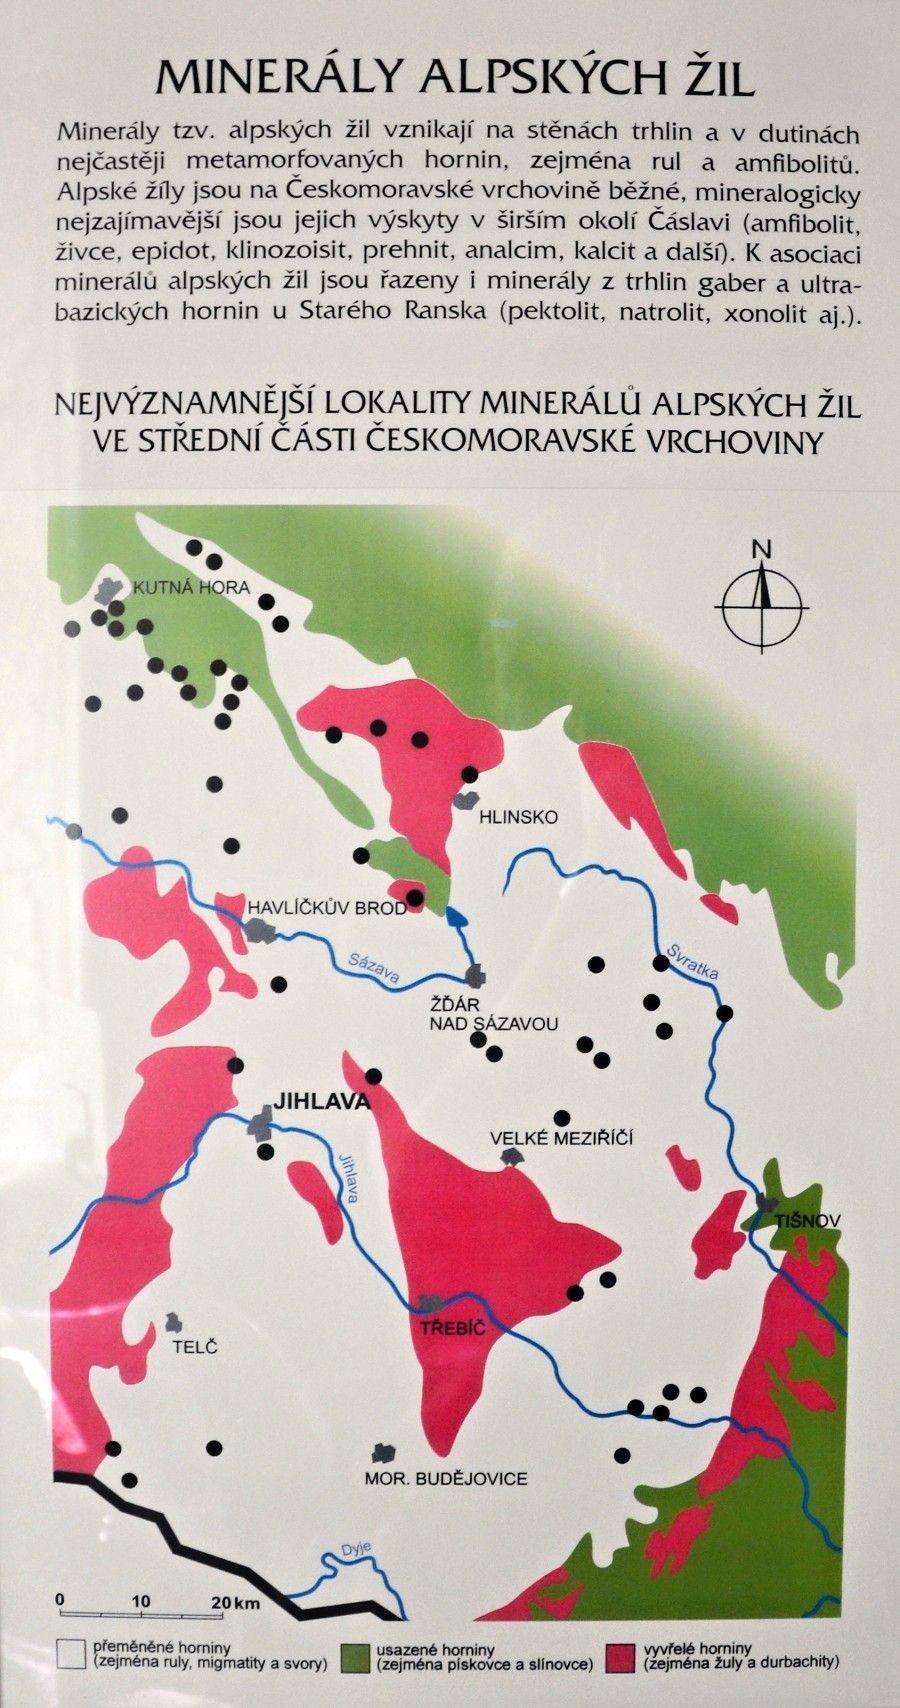 mineraly-alpskych-zil-tabule-muzeum-vysociny-jihlava